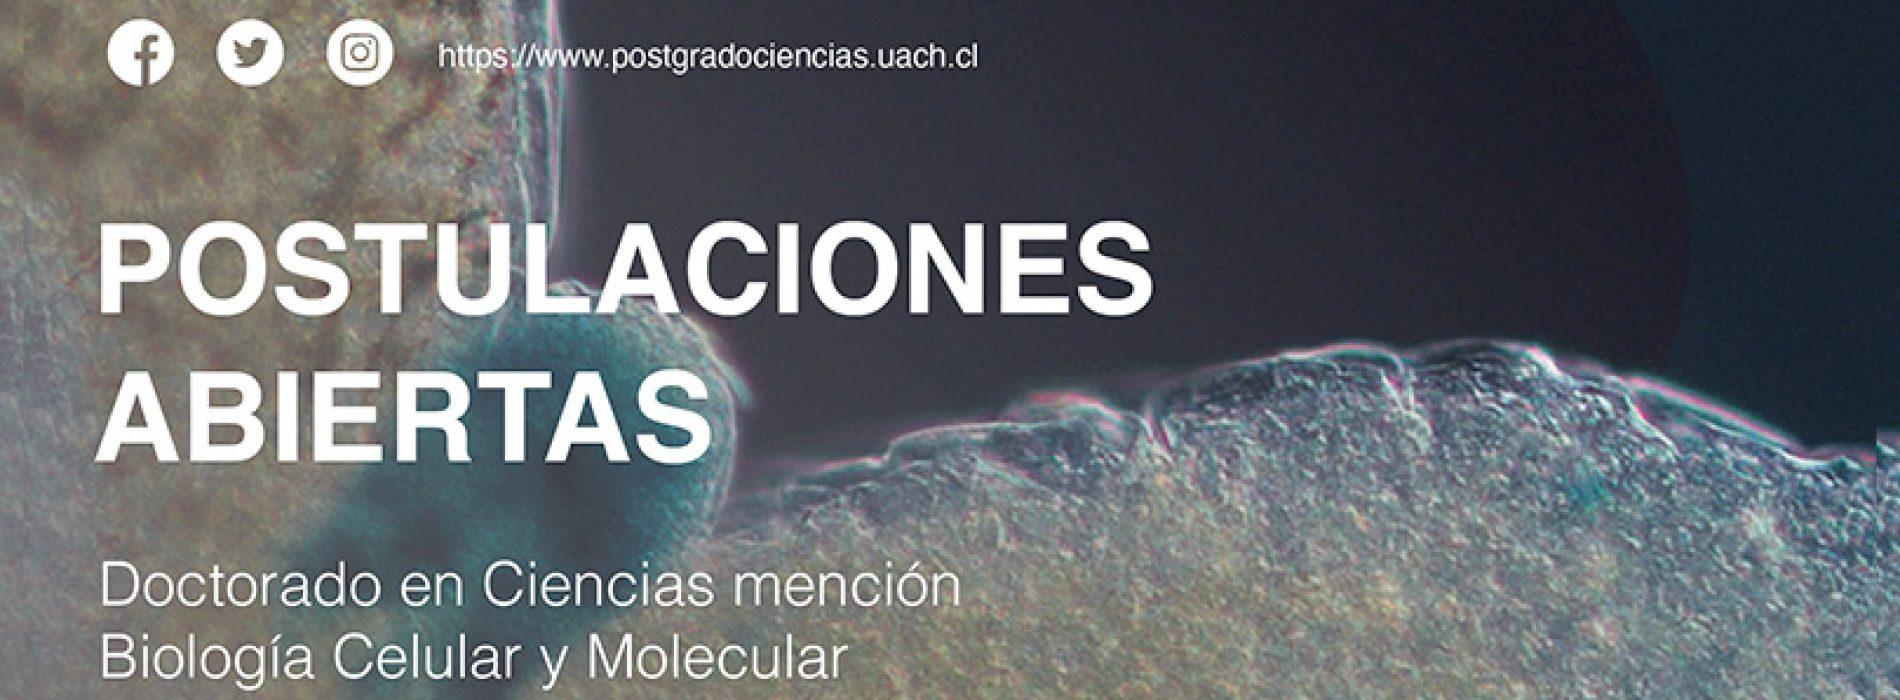 Doctorado UACh